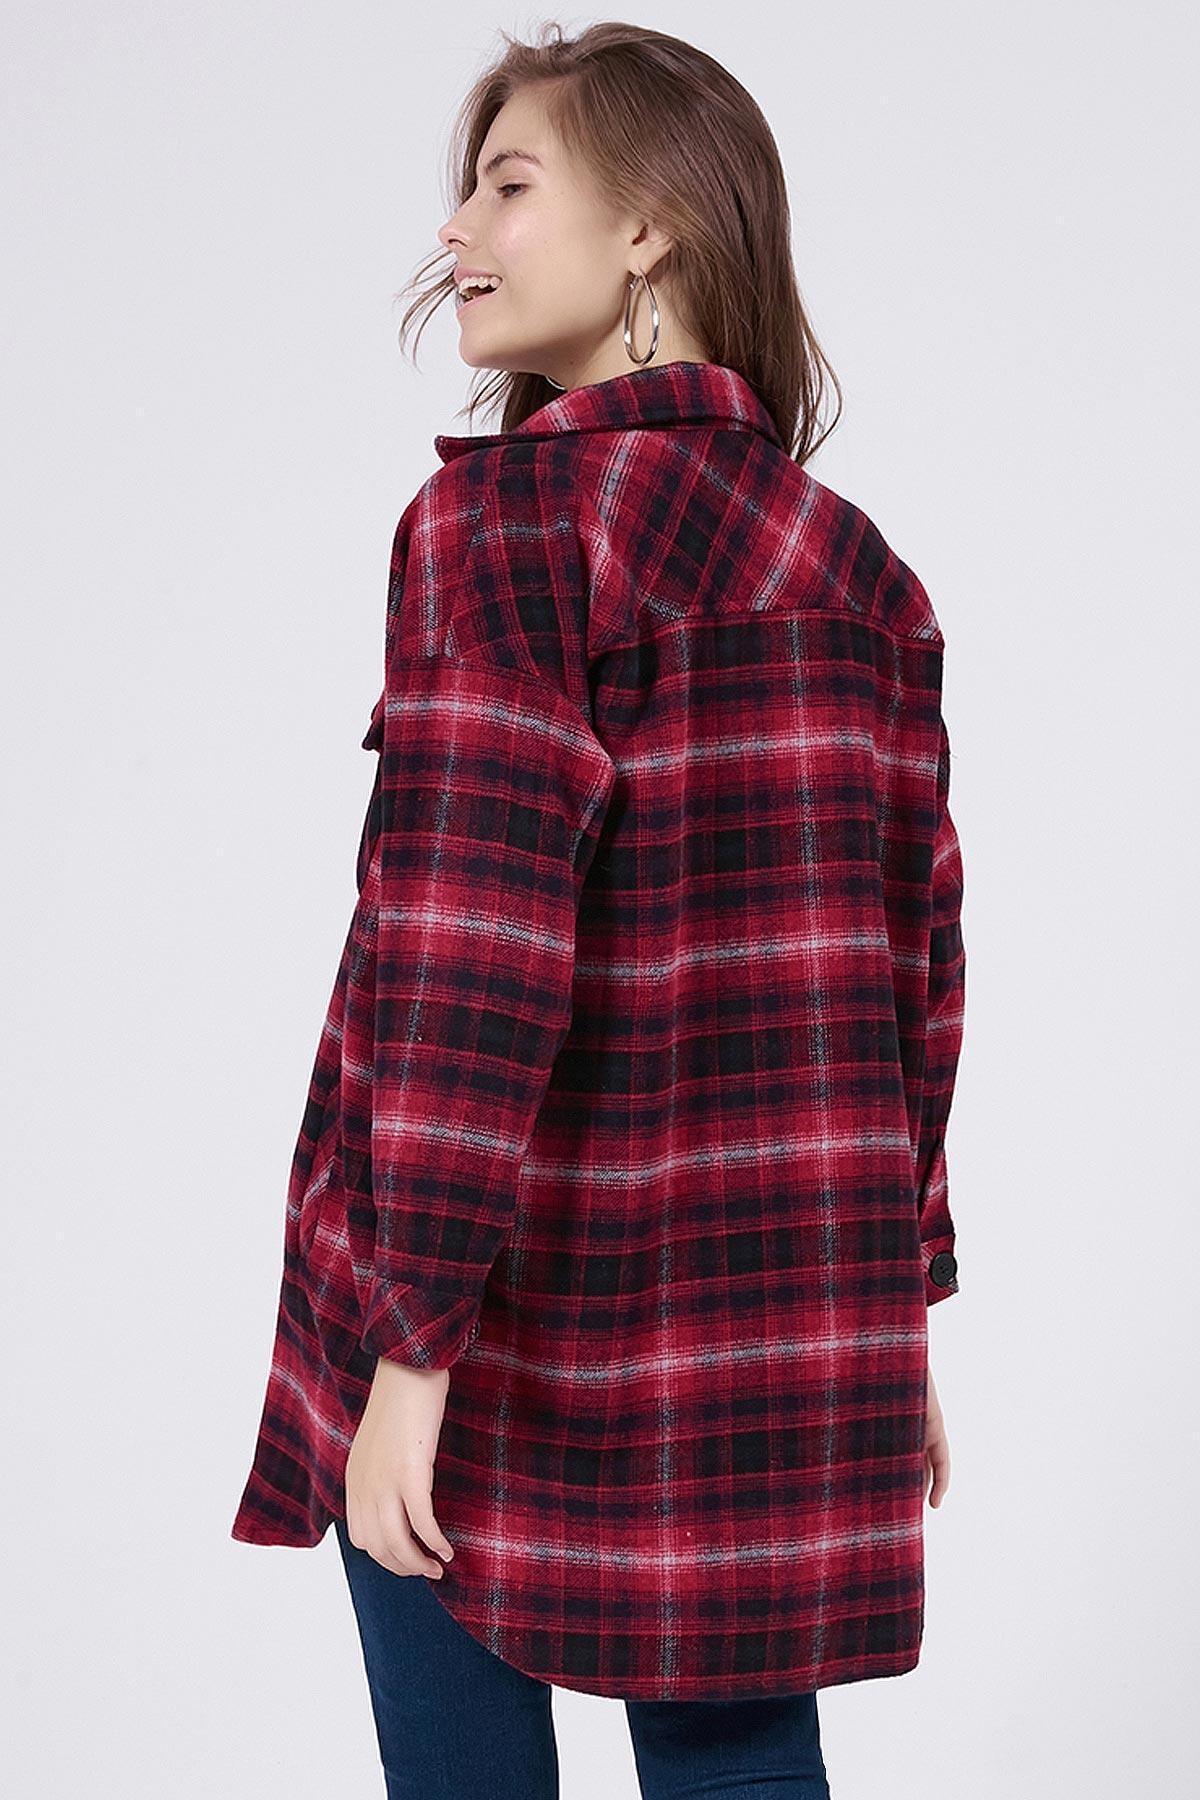 Y-London Kadın Kırmızı Ekoseli Uzun Oduncu Gömlek Ceket Y20W176-11228-1 3